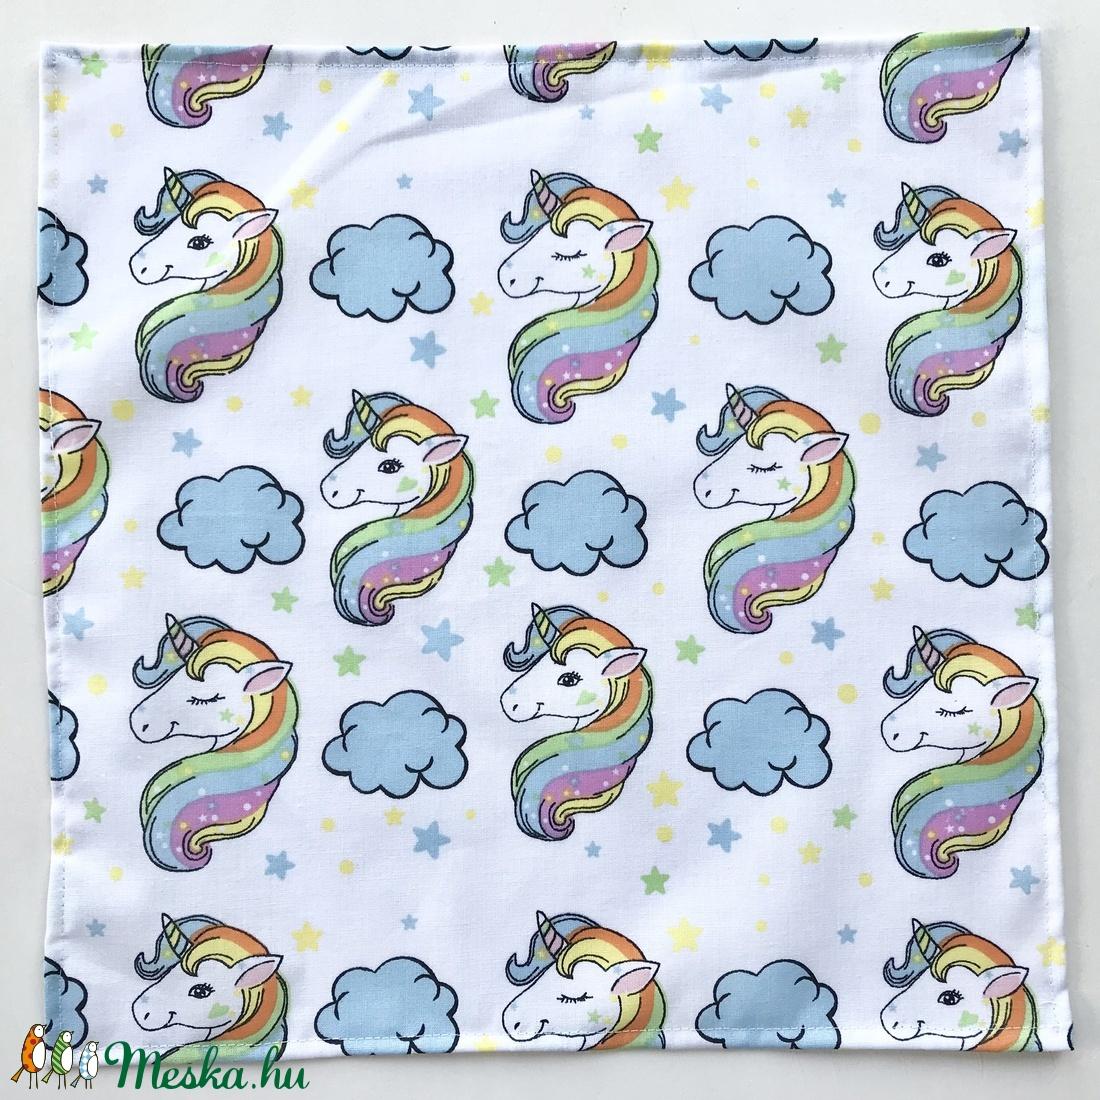 Elefánt sárga esernyővel és színes Unikornis mintás zsebkendő vagy szalvéta szett - NoWaste - szépségápolás - egészségmegőrzés - Meska.hu